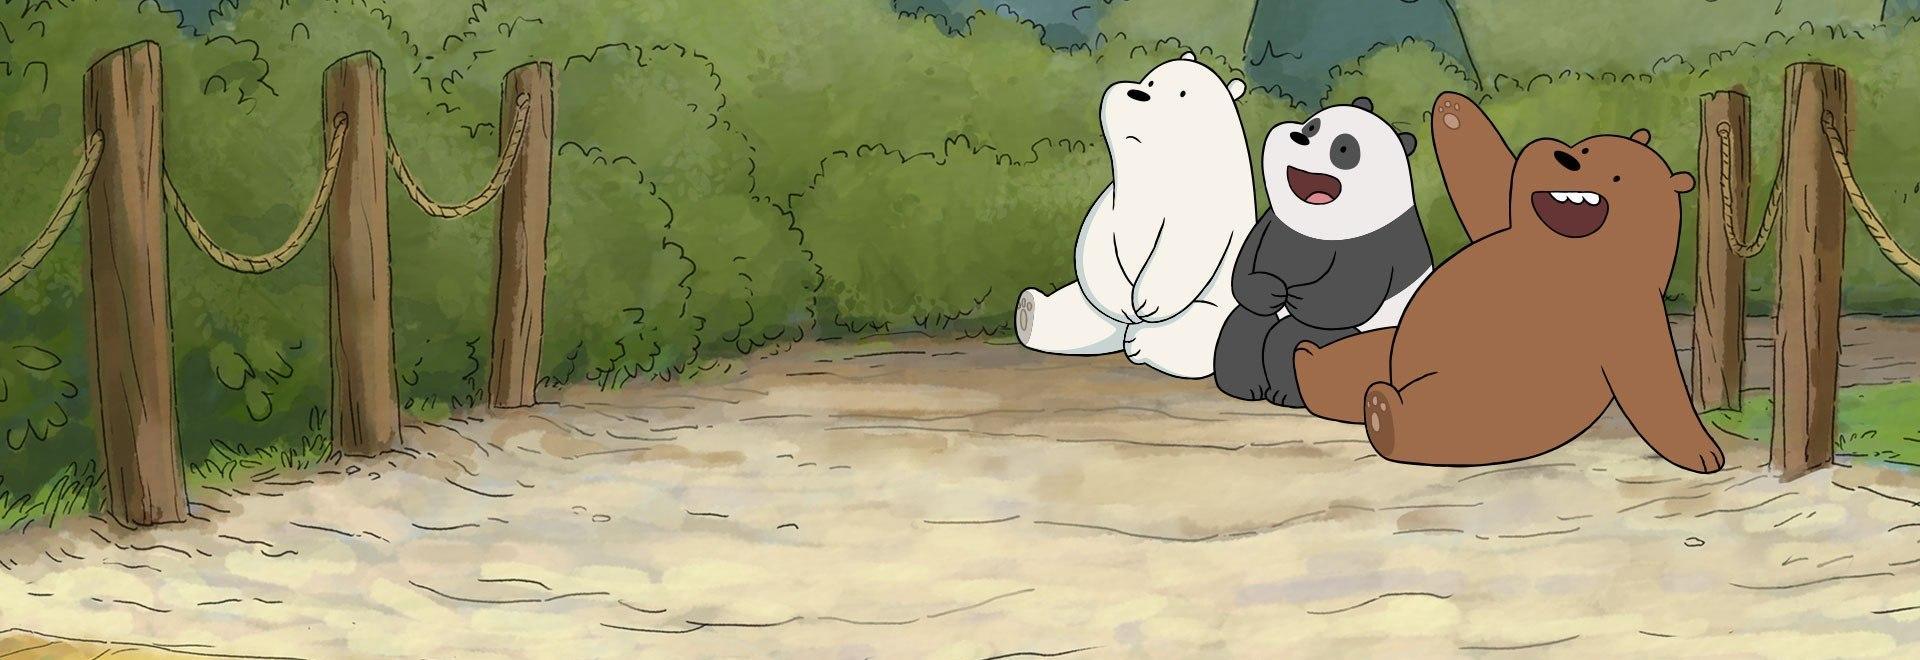 Pianeta orsi